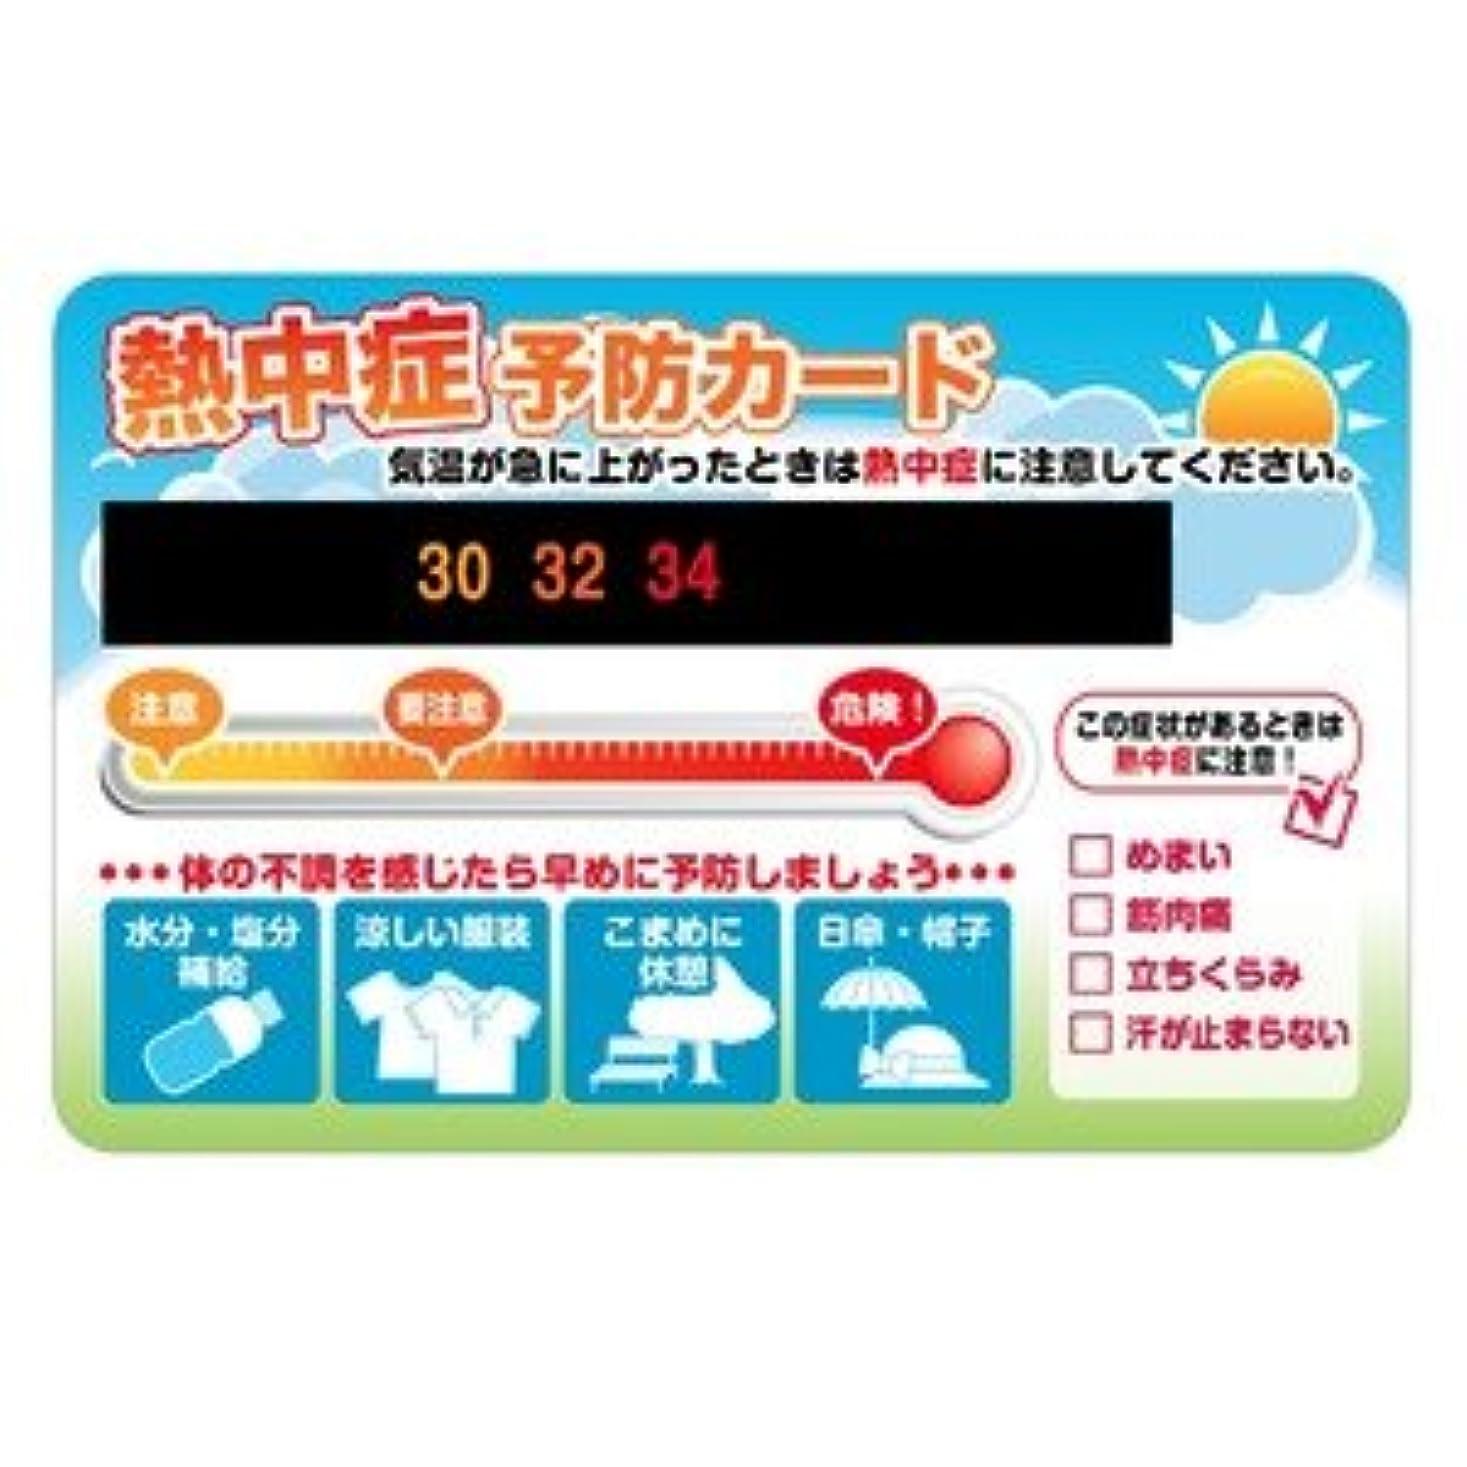 解明するコインランドリー二次熱中症予防カード?NE2 【100枚セット】 熱中症対策